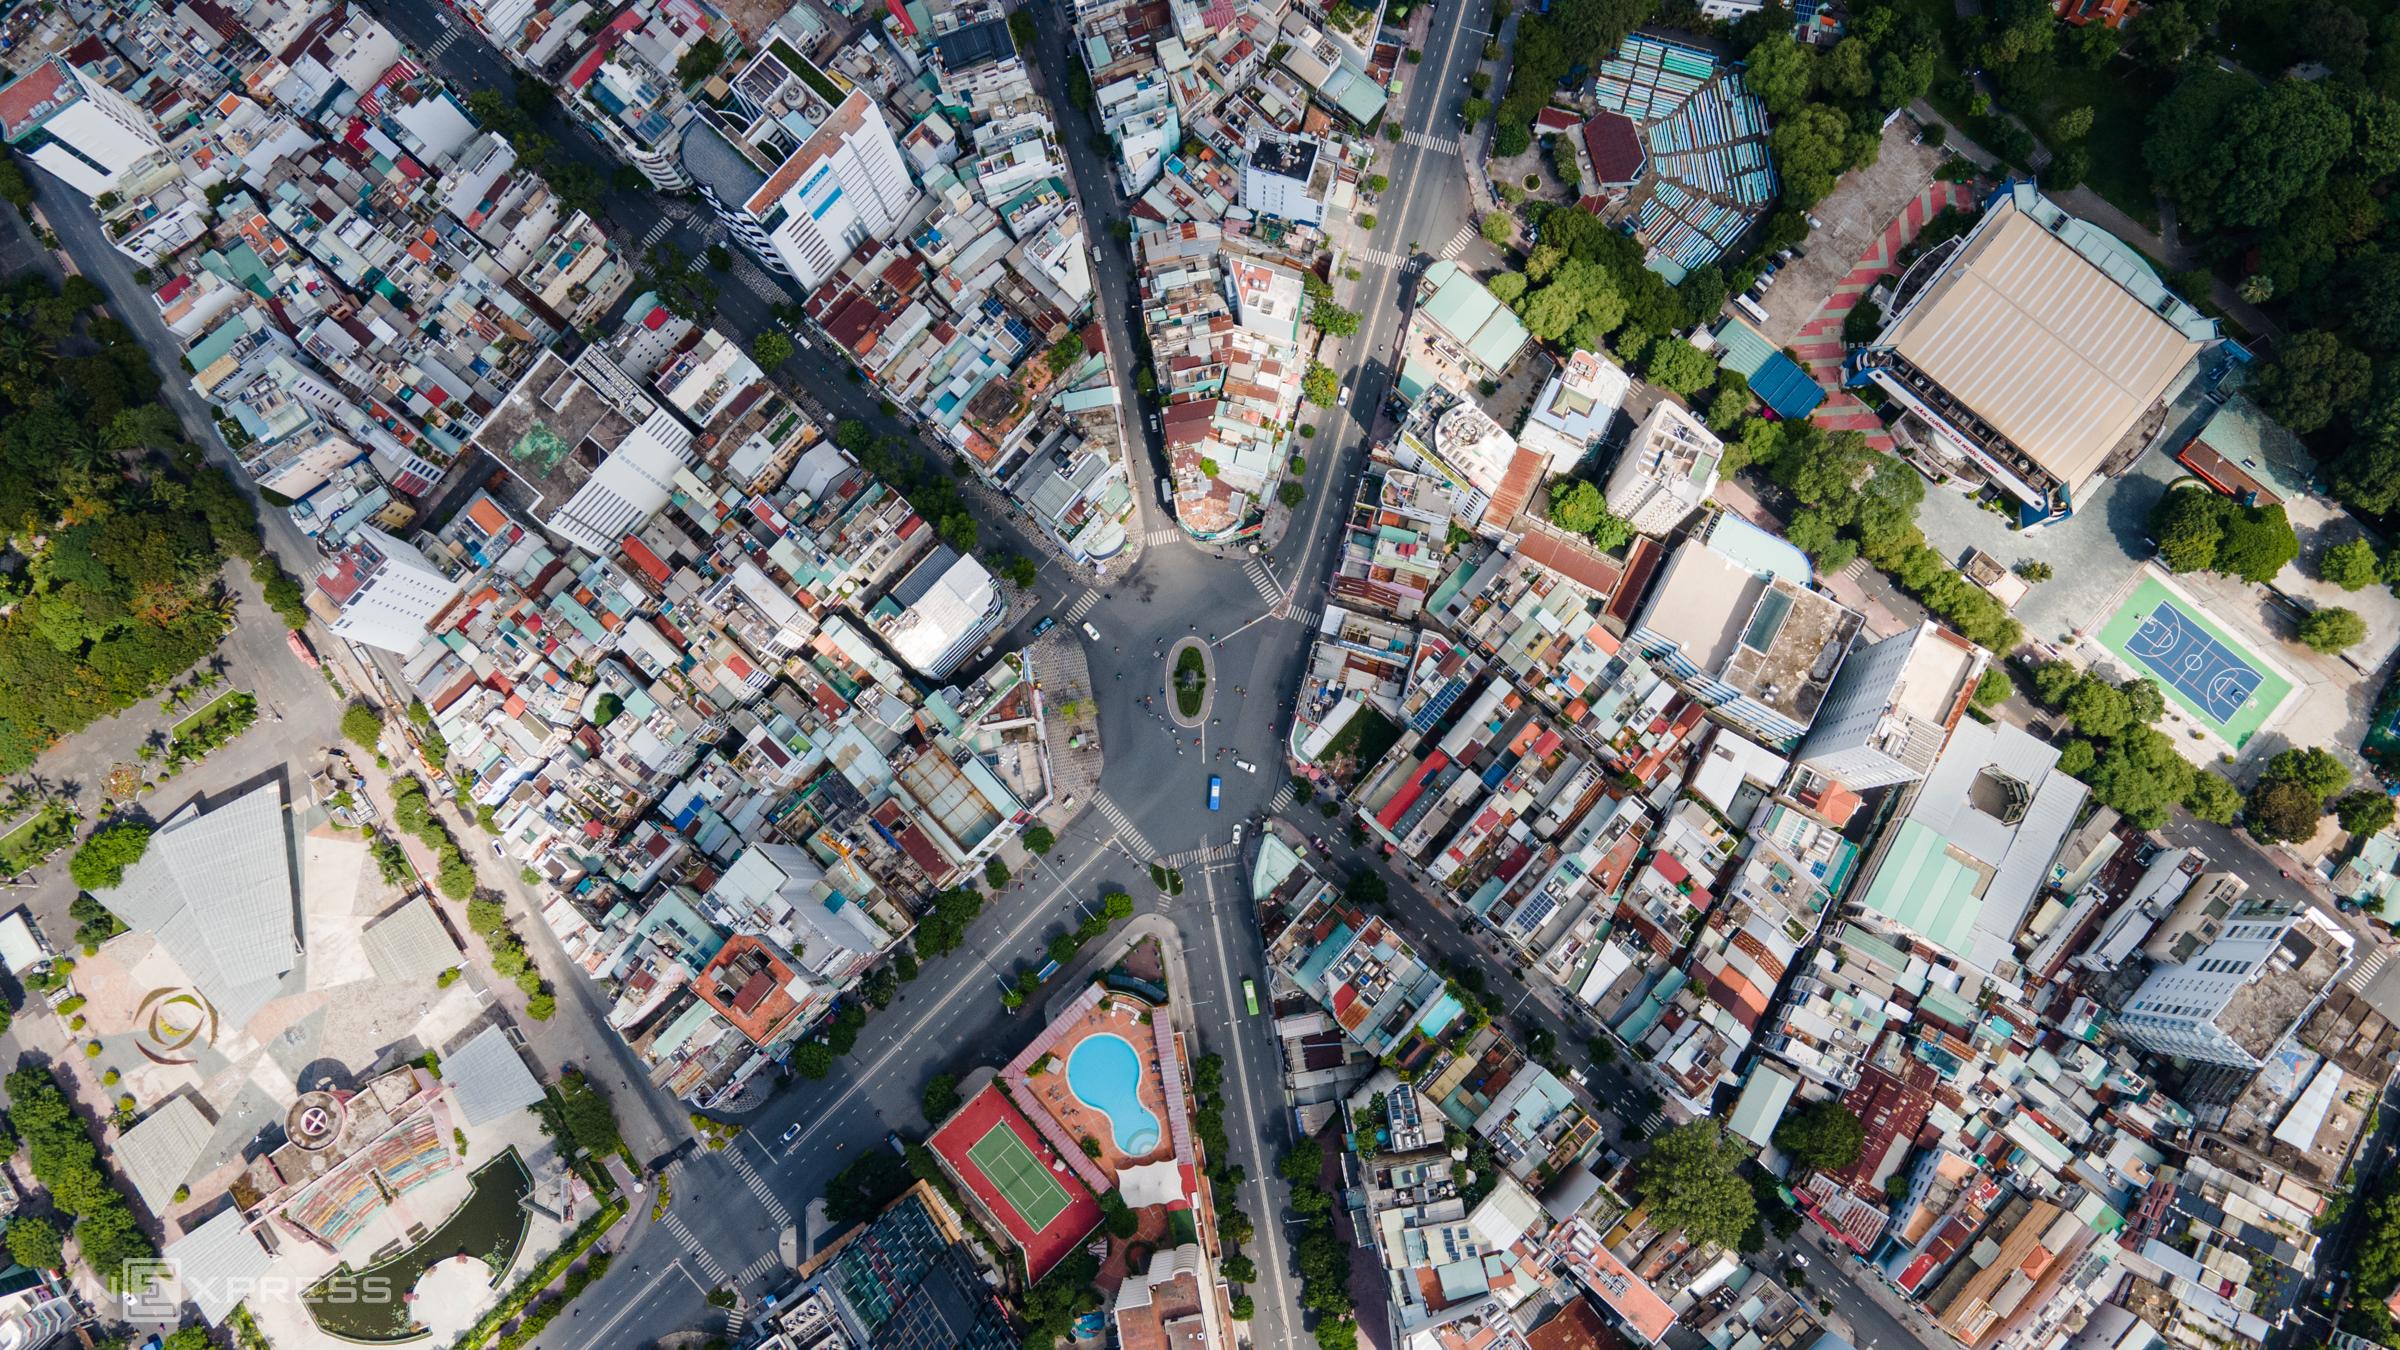 Ngã sáu Phù Đổng, quận 1, TP HCM, ngày 31/5. Ảnh: Thành Nguyễn